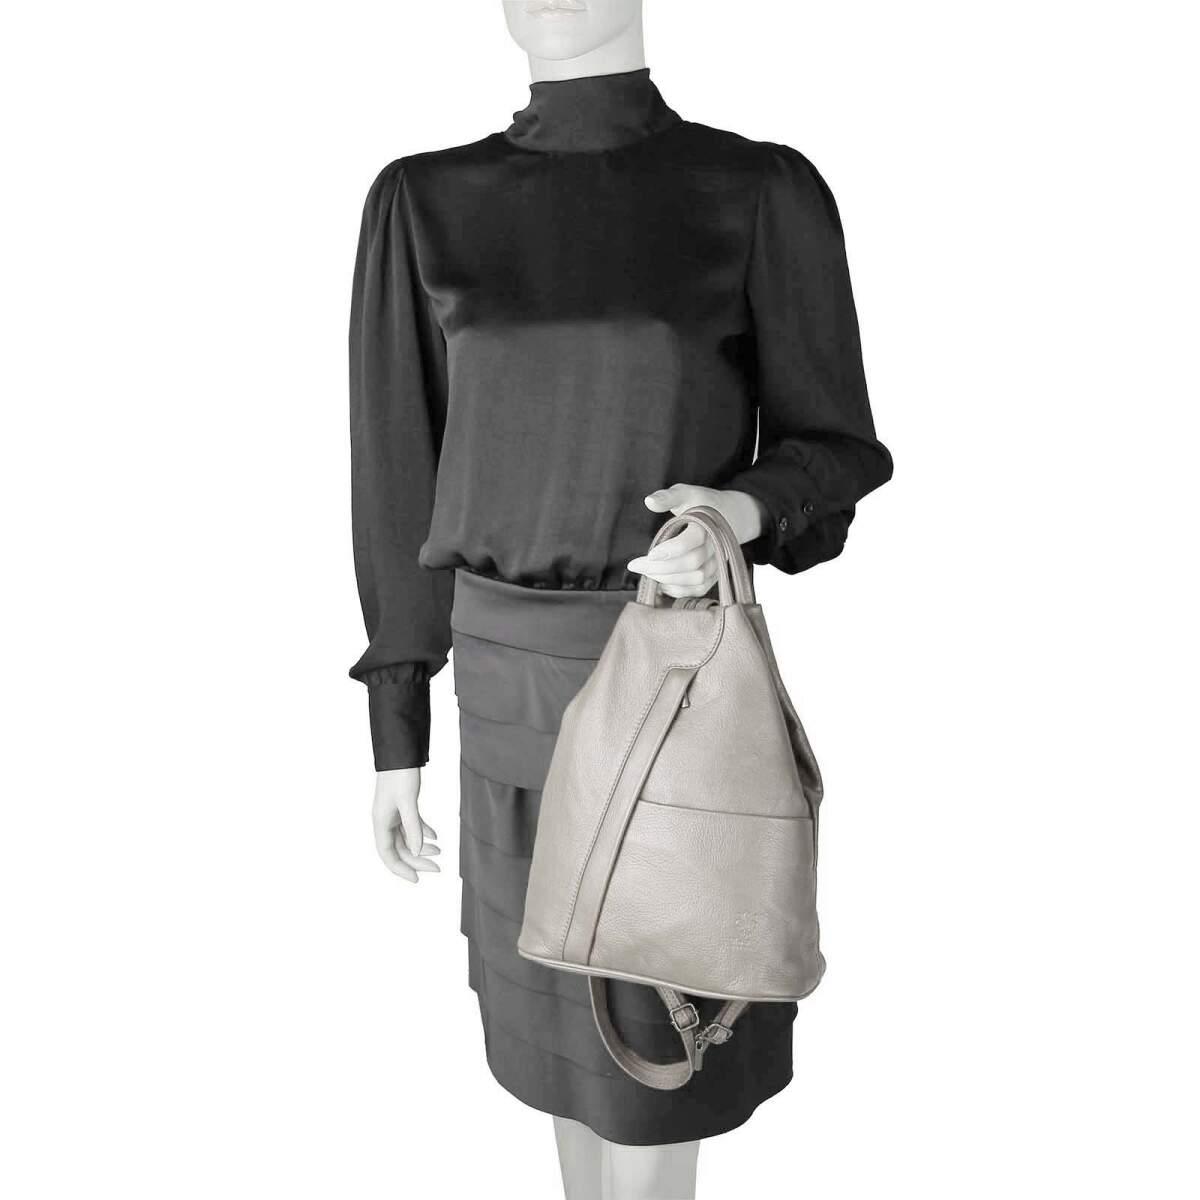 ital damen echt leder rucksack lederrucksack tasche. Black Bedroom Furniture Sets. Home Design Ideas